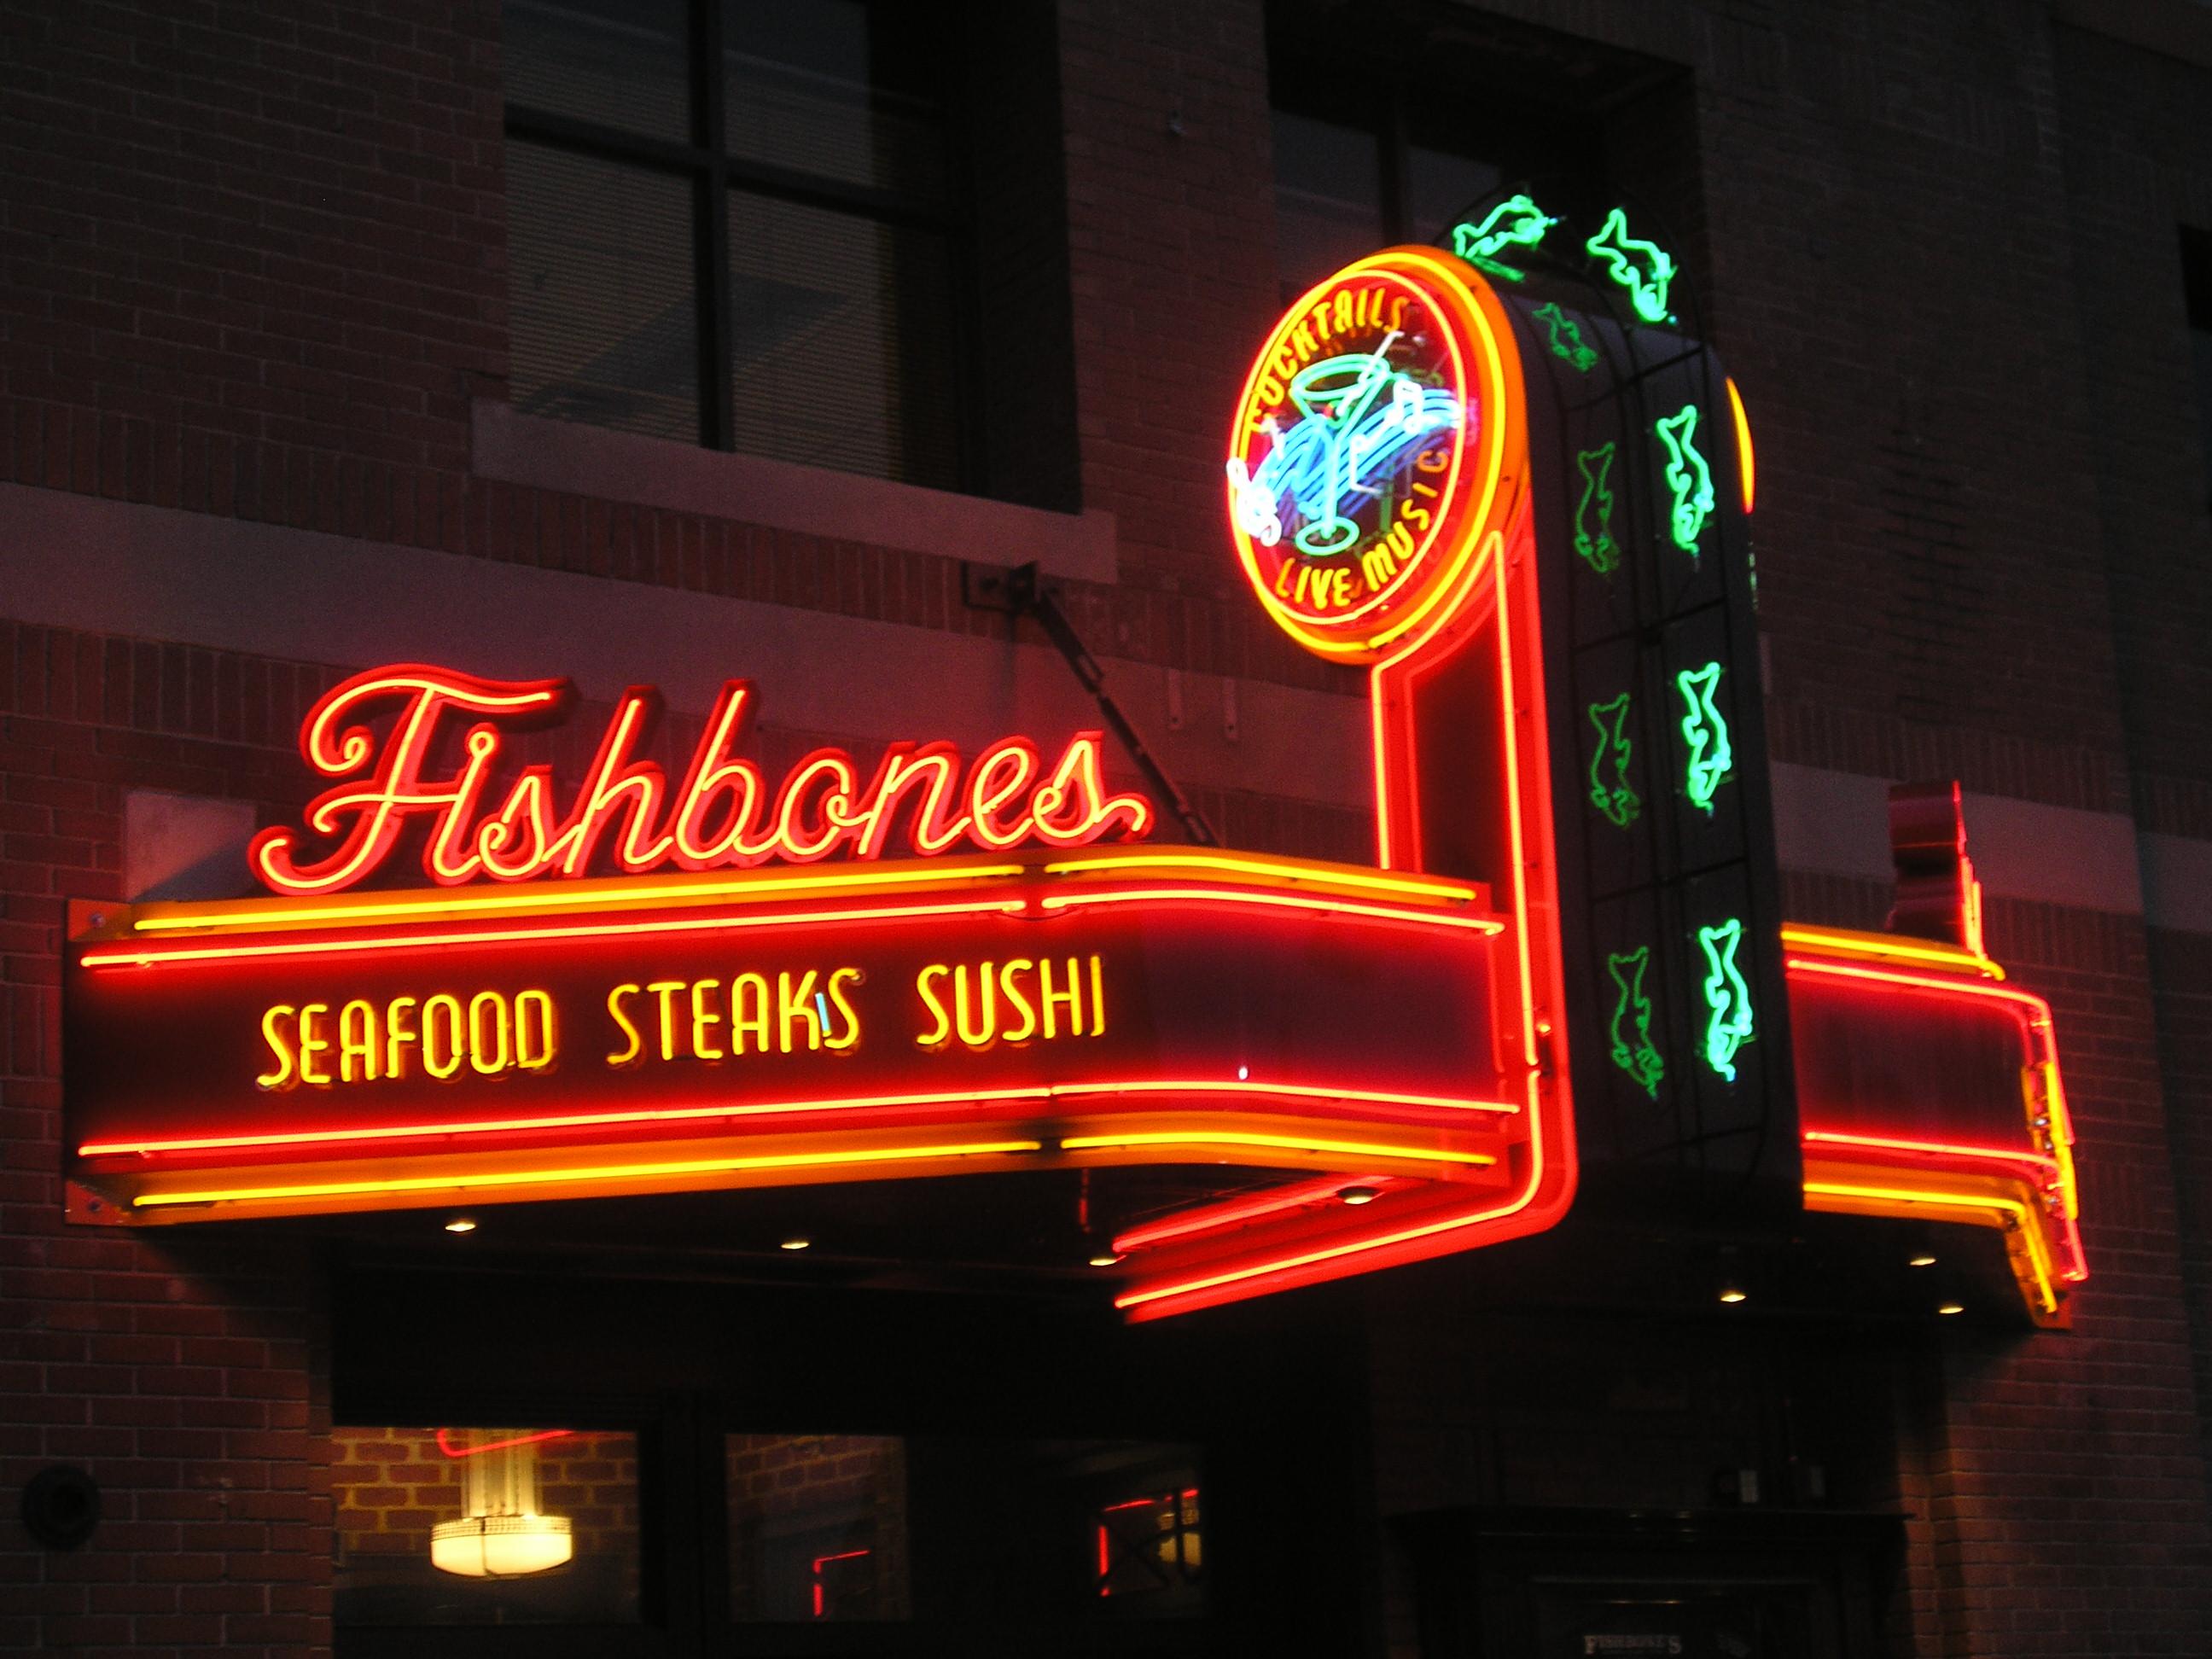 Fishbone's